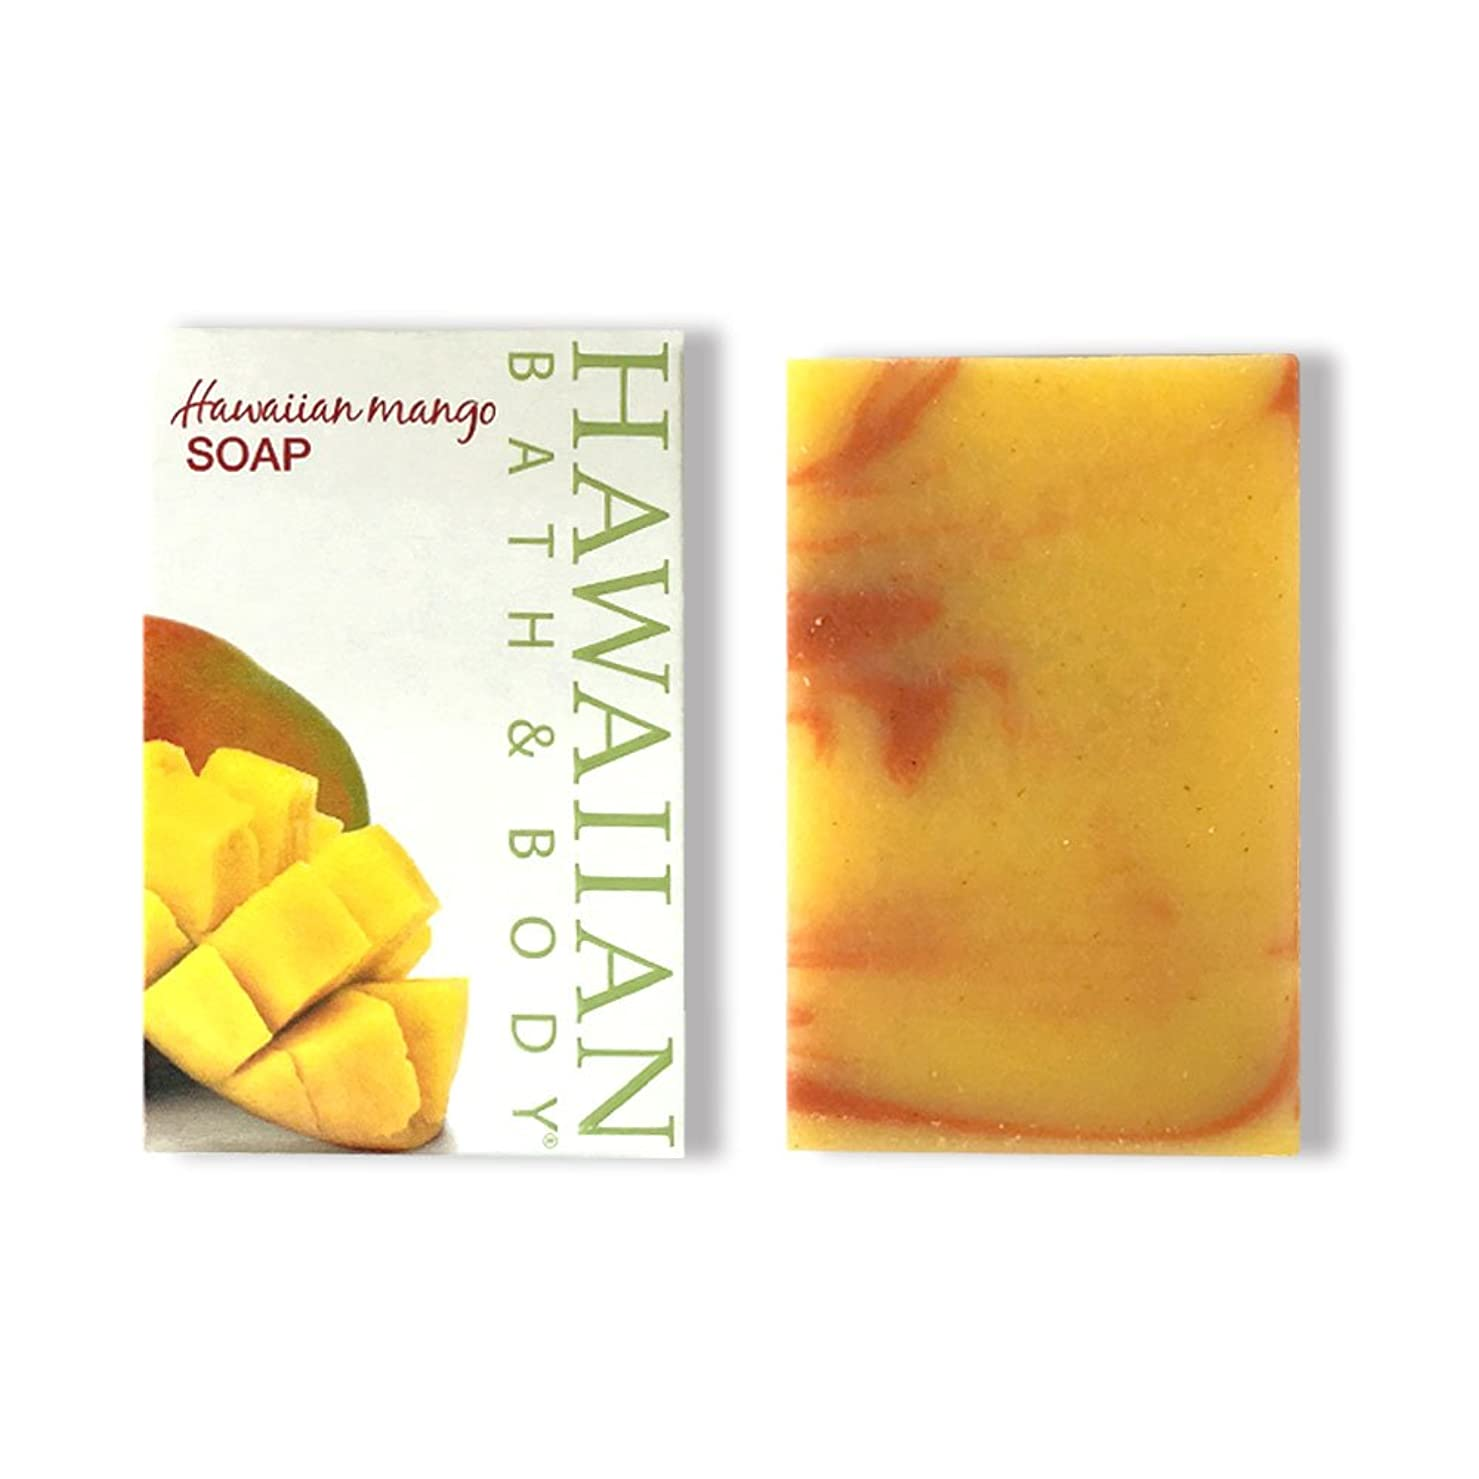 不良救出うれしいハワイアンバス&ボディ ハワイアンマンゴーソープ ( Hawaiian Mango Soap )